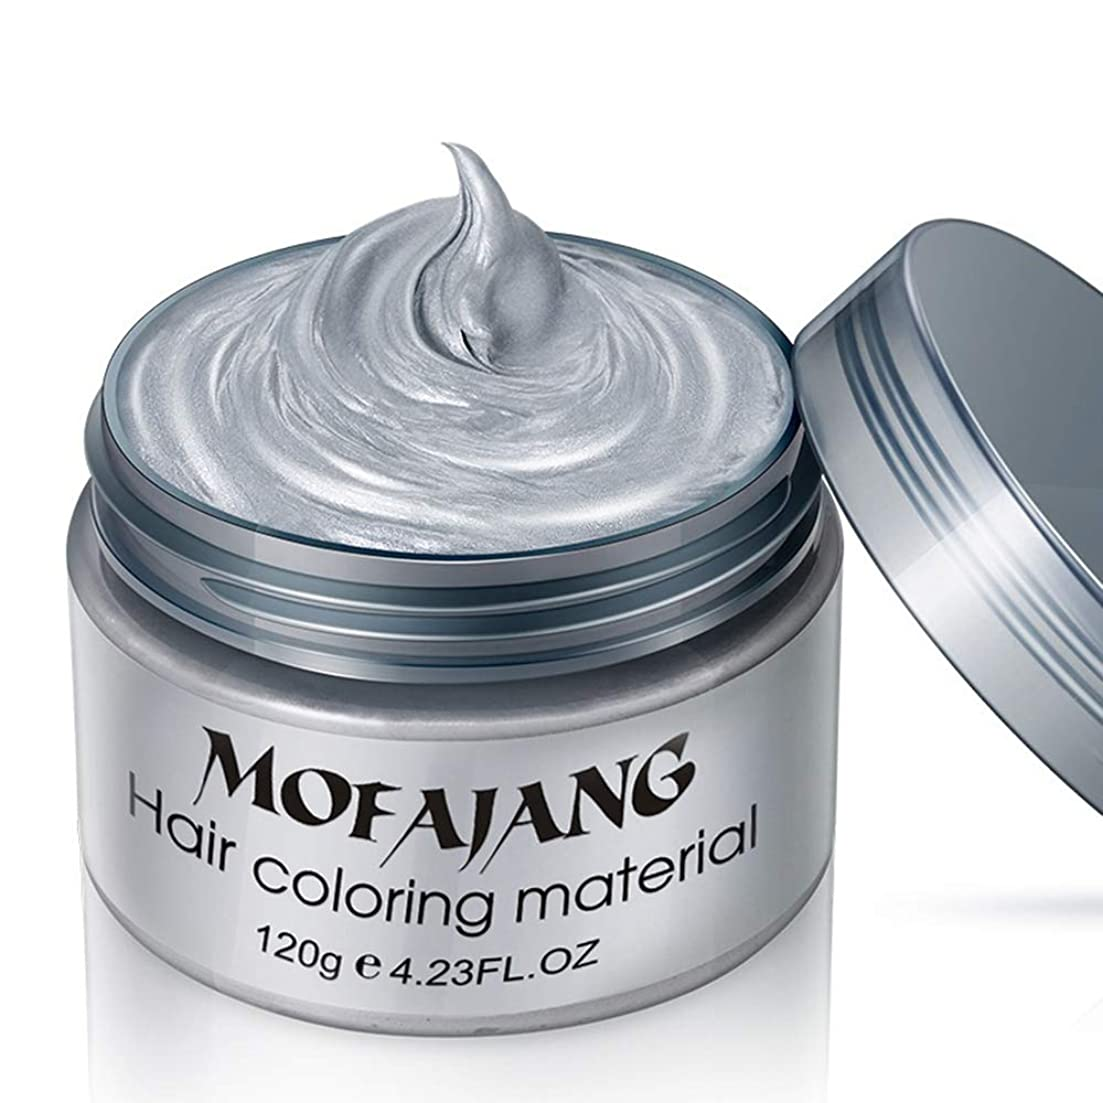 解体する接地ファブリックシルバーグレーの髪のワックス、豪華な着色泥の髪の染め、洗えるトリートメントの非グリースマットの髪型。